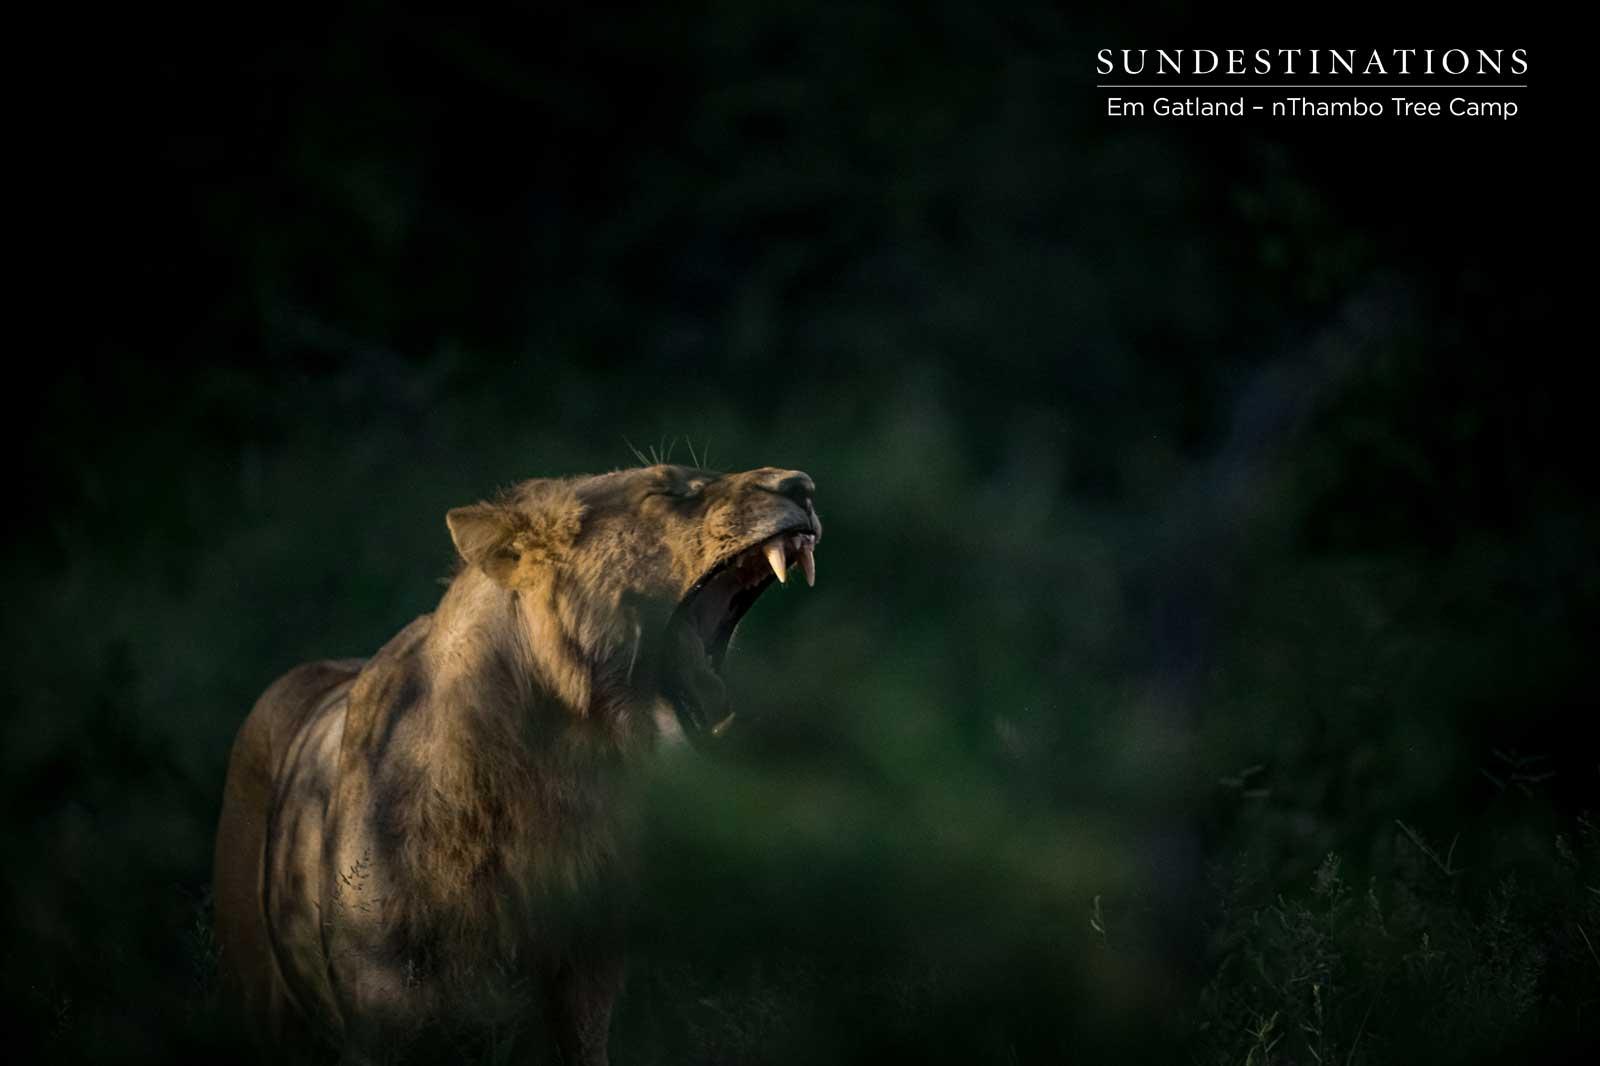 Lions at nThambo Tree Camp